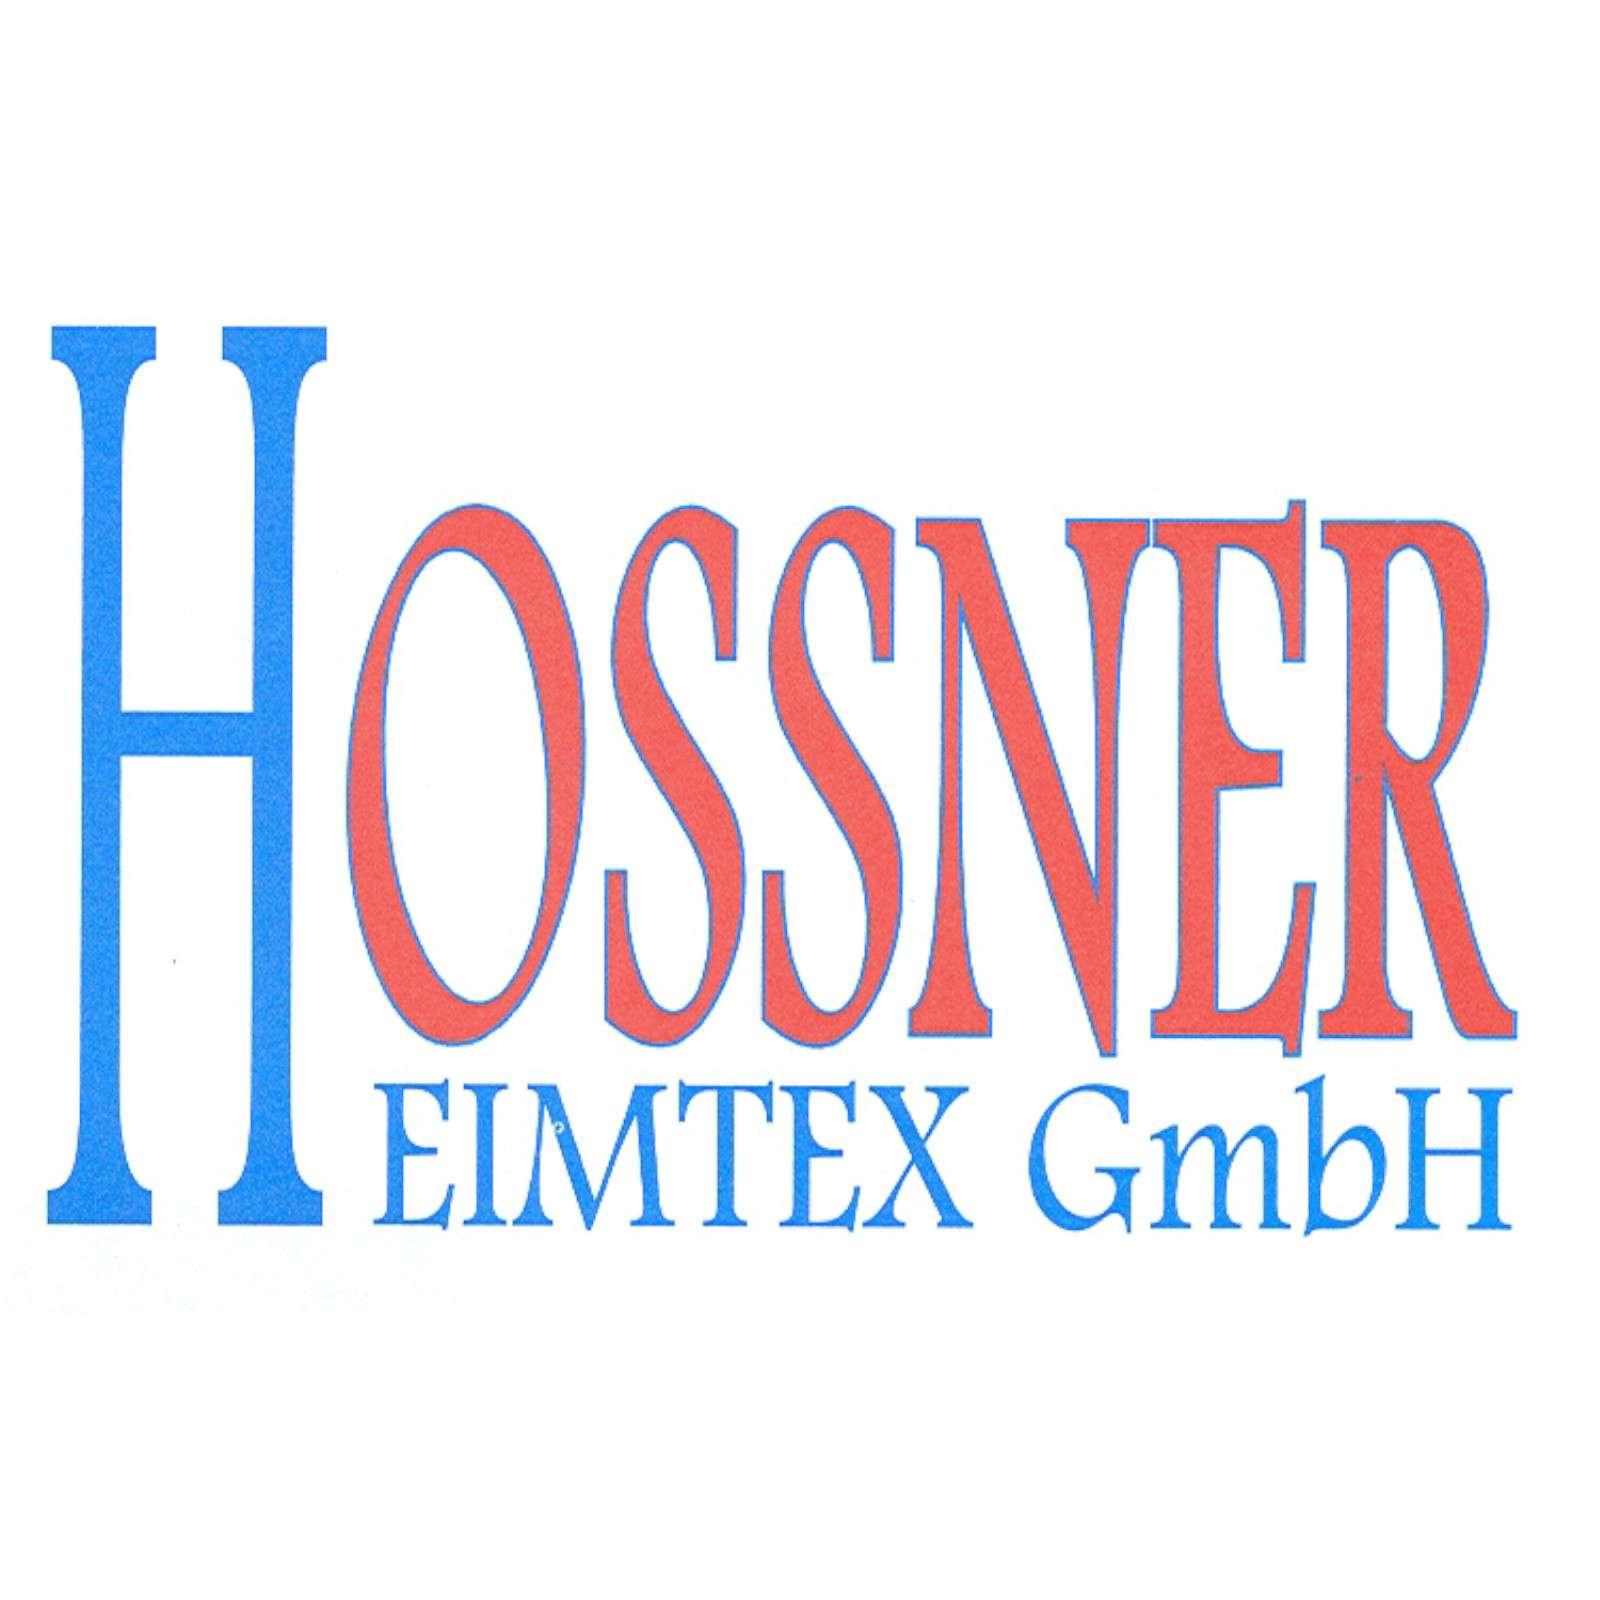 Hossner